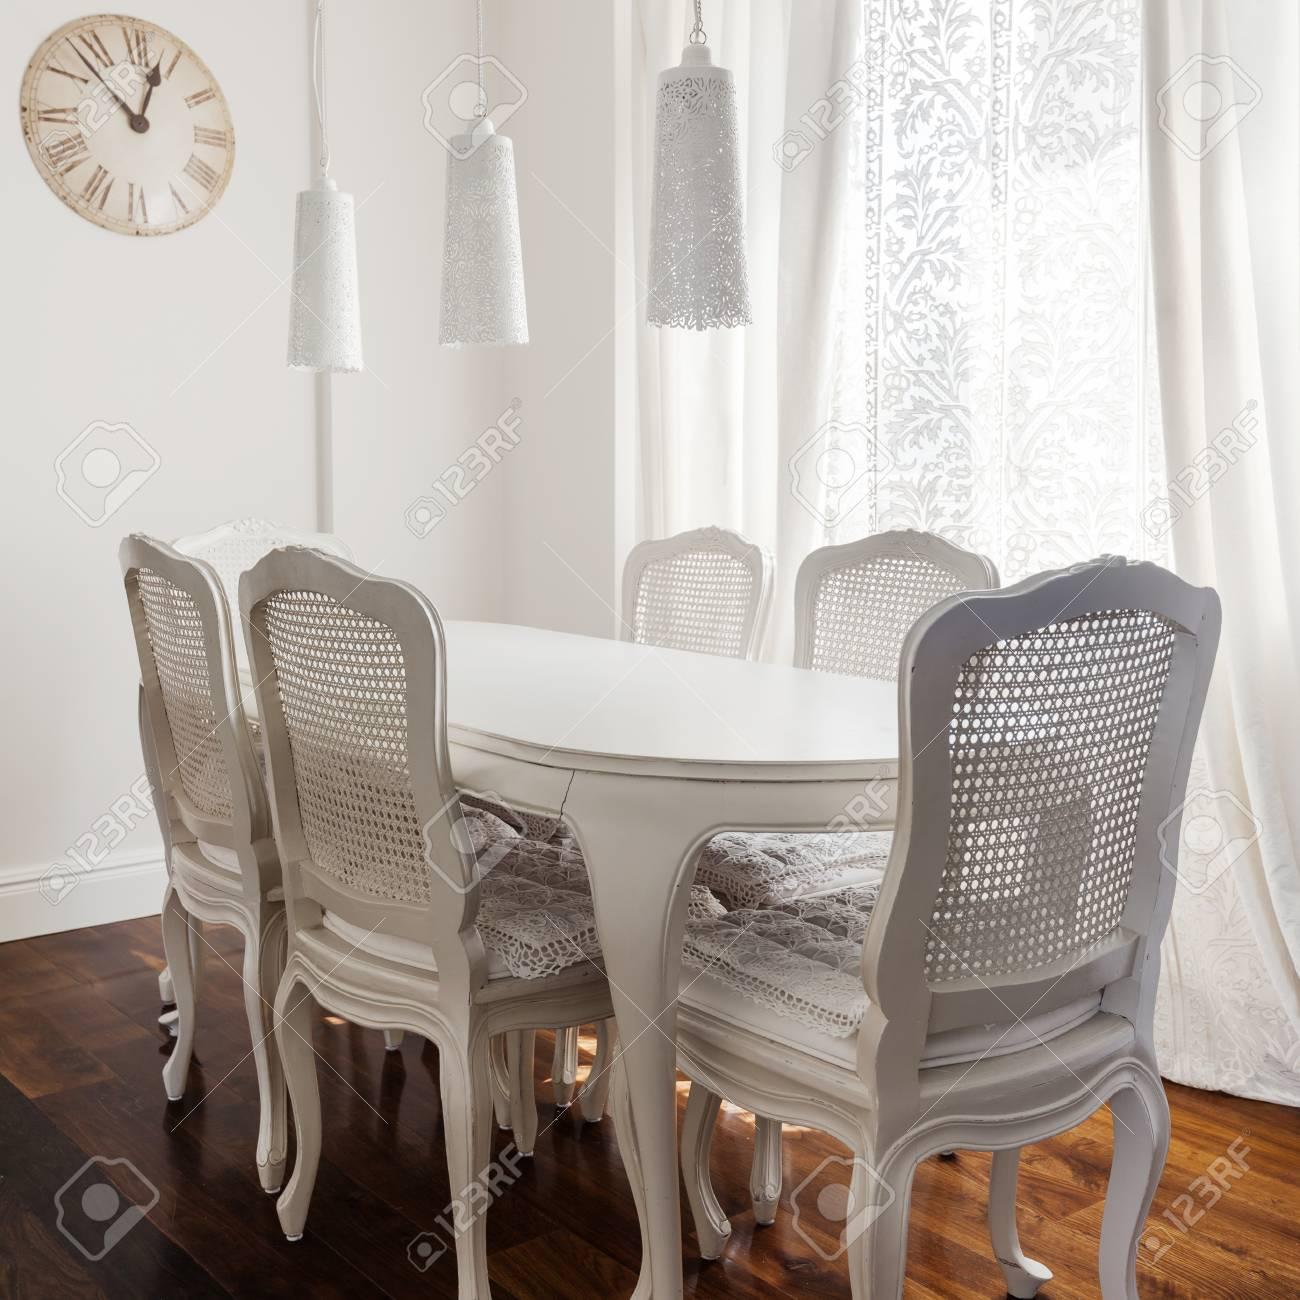 blanc romantique salle a manger avec des meubles en bois delicate banque d images et photos libres de droits image 61524286